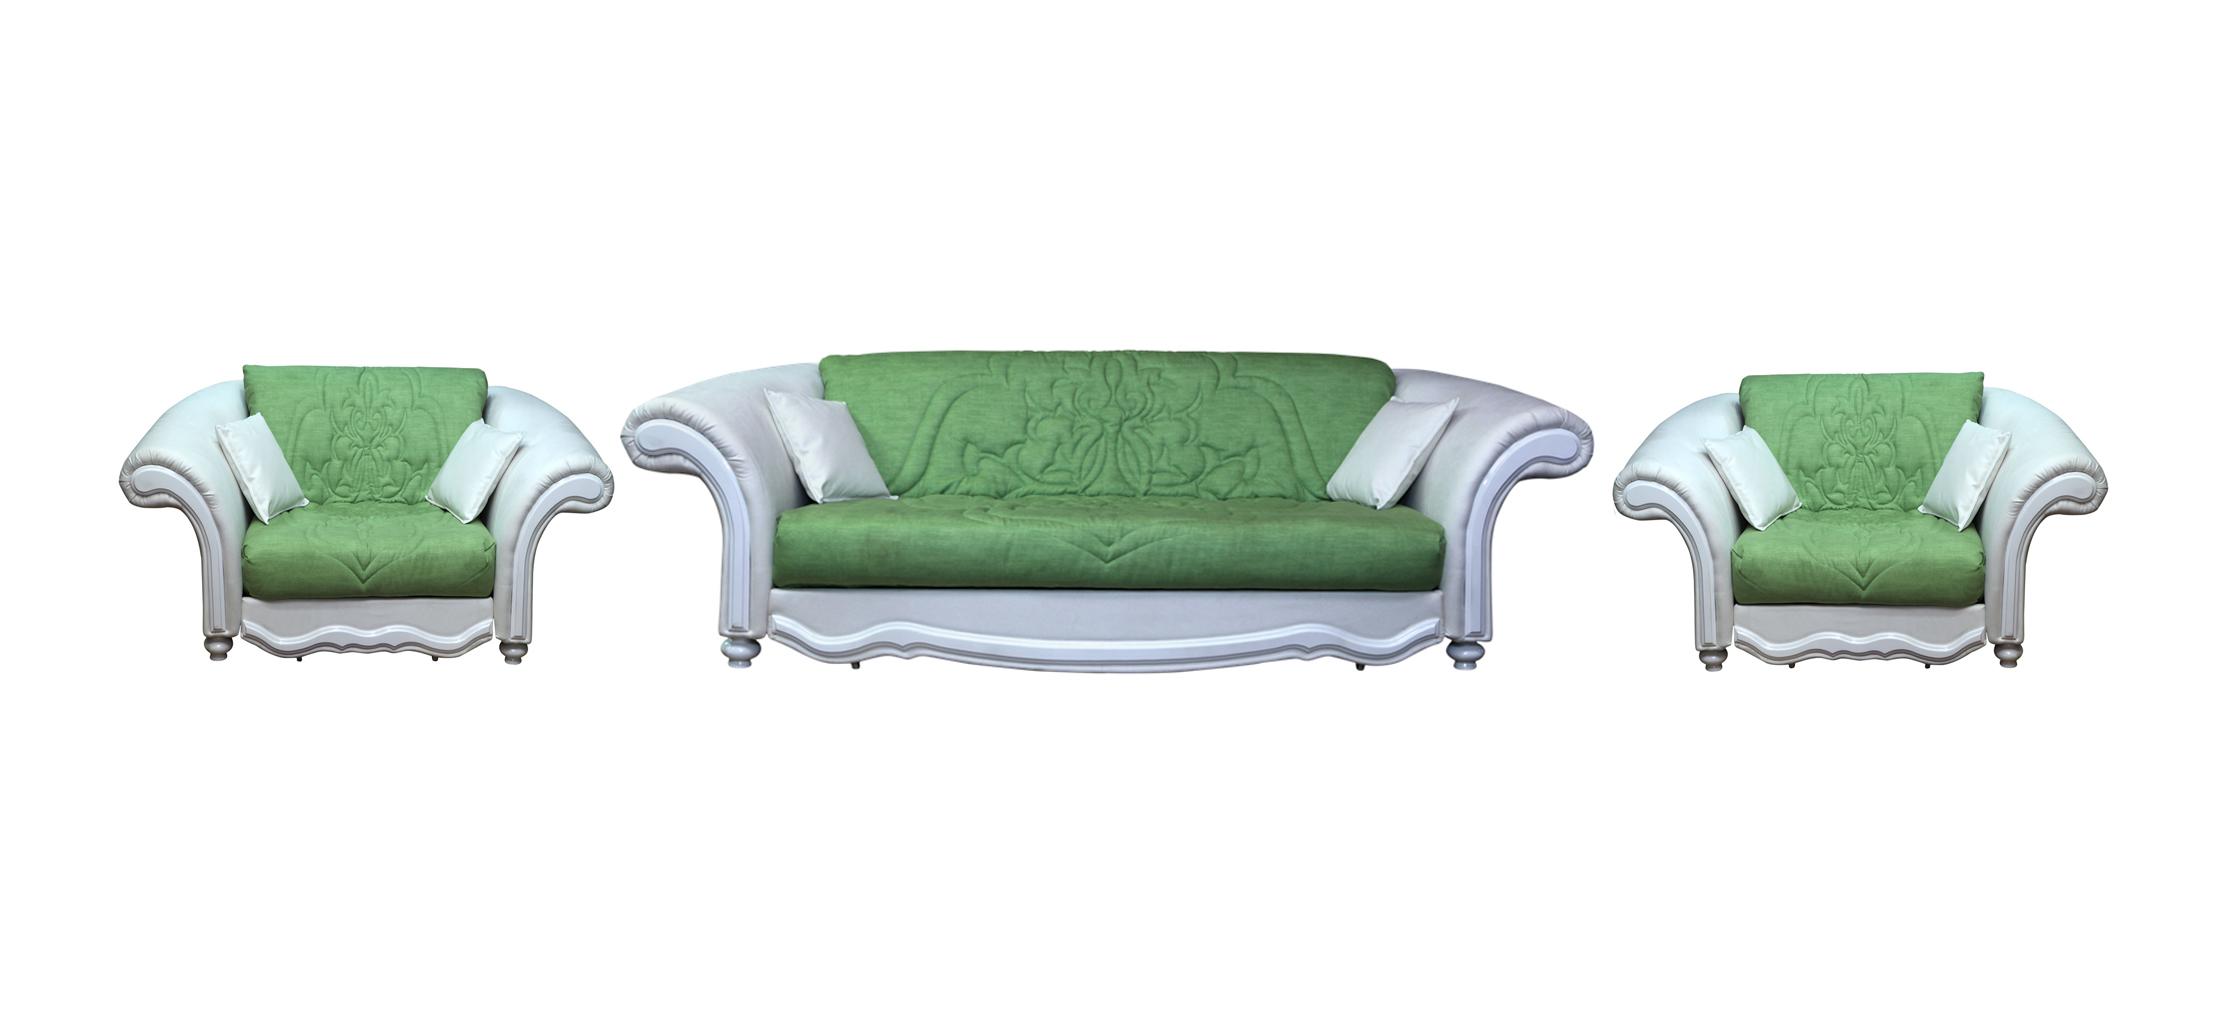 Комплект мягкой мебели Мелос